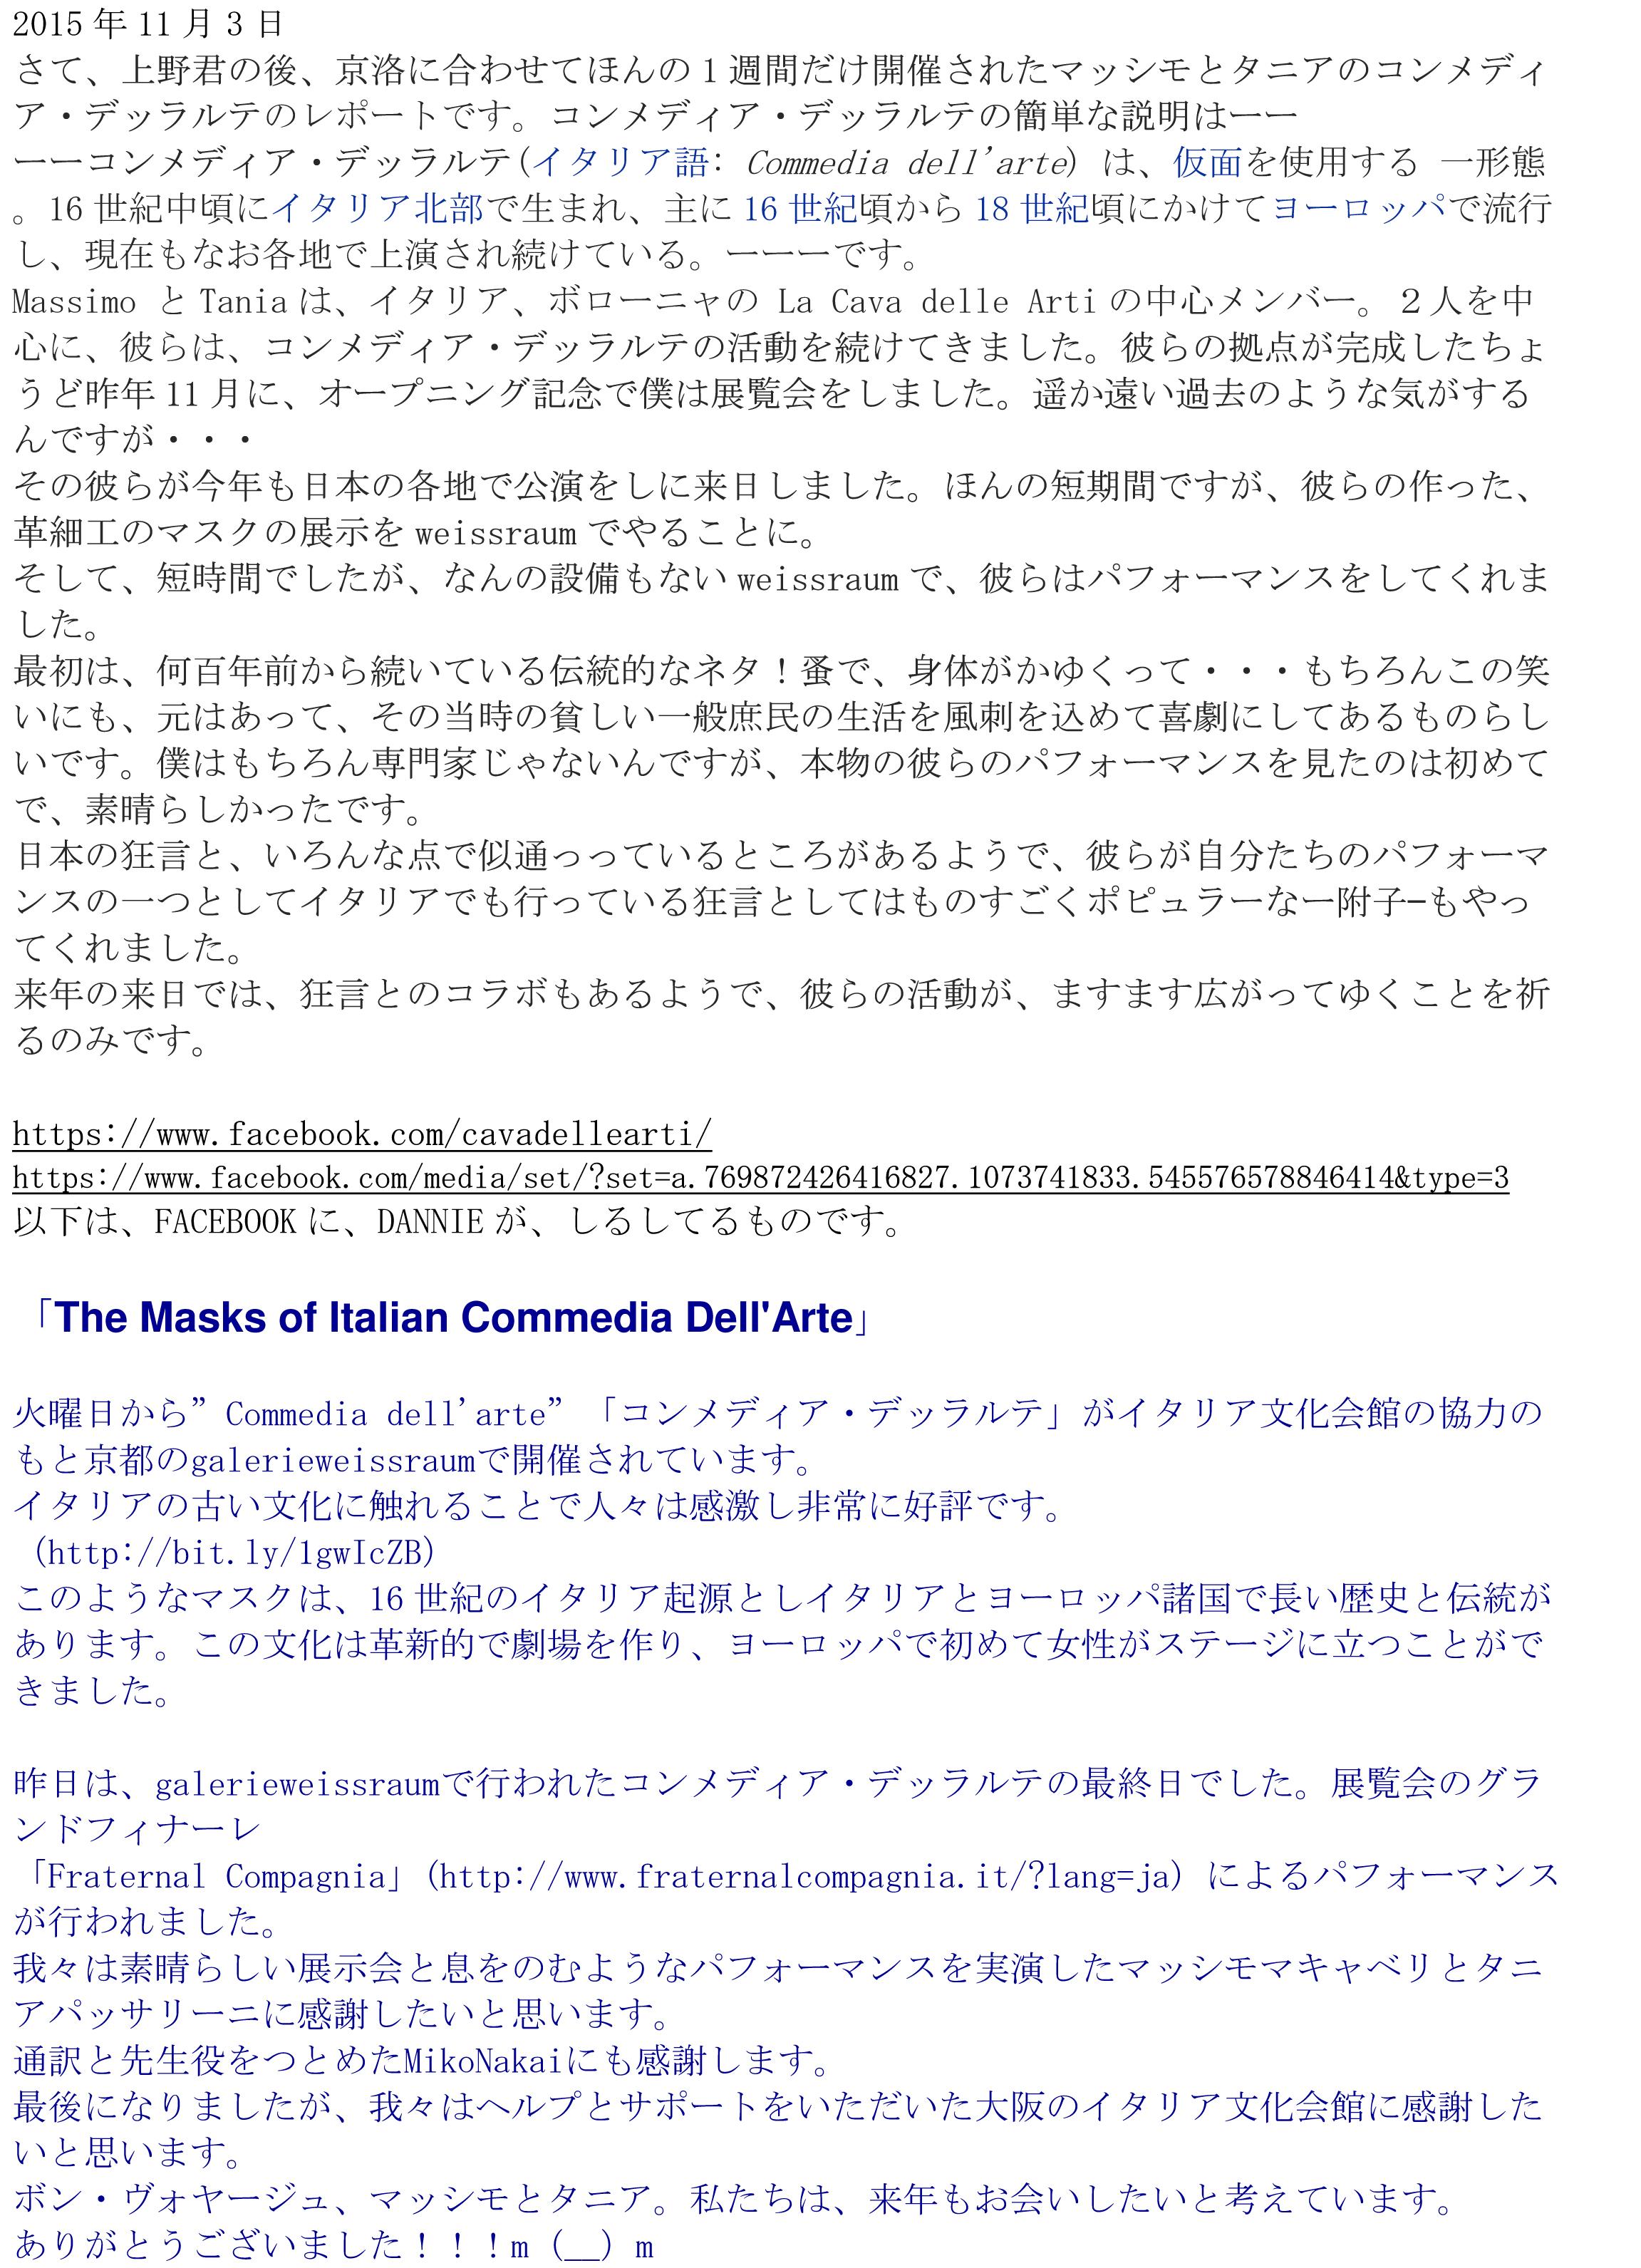 Rapporto dal Giappone